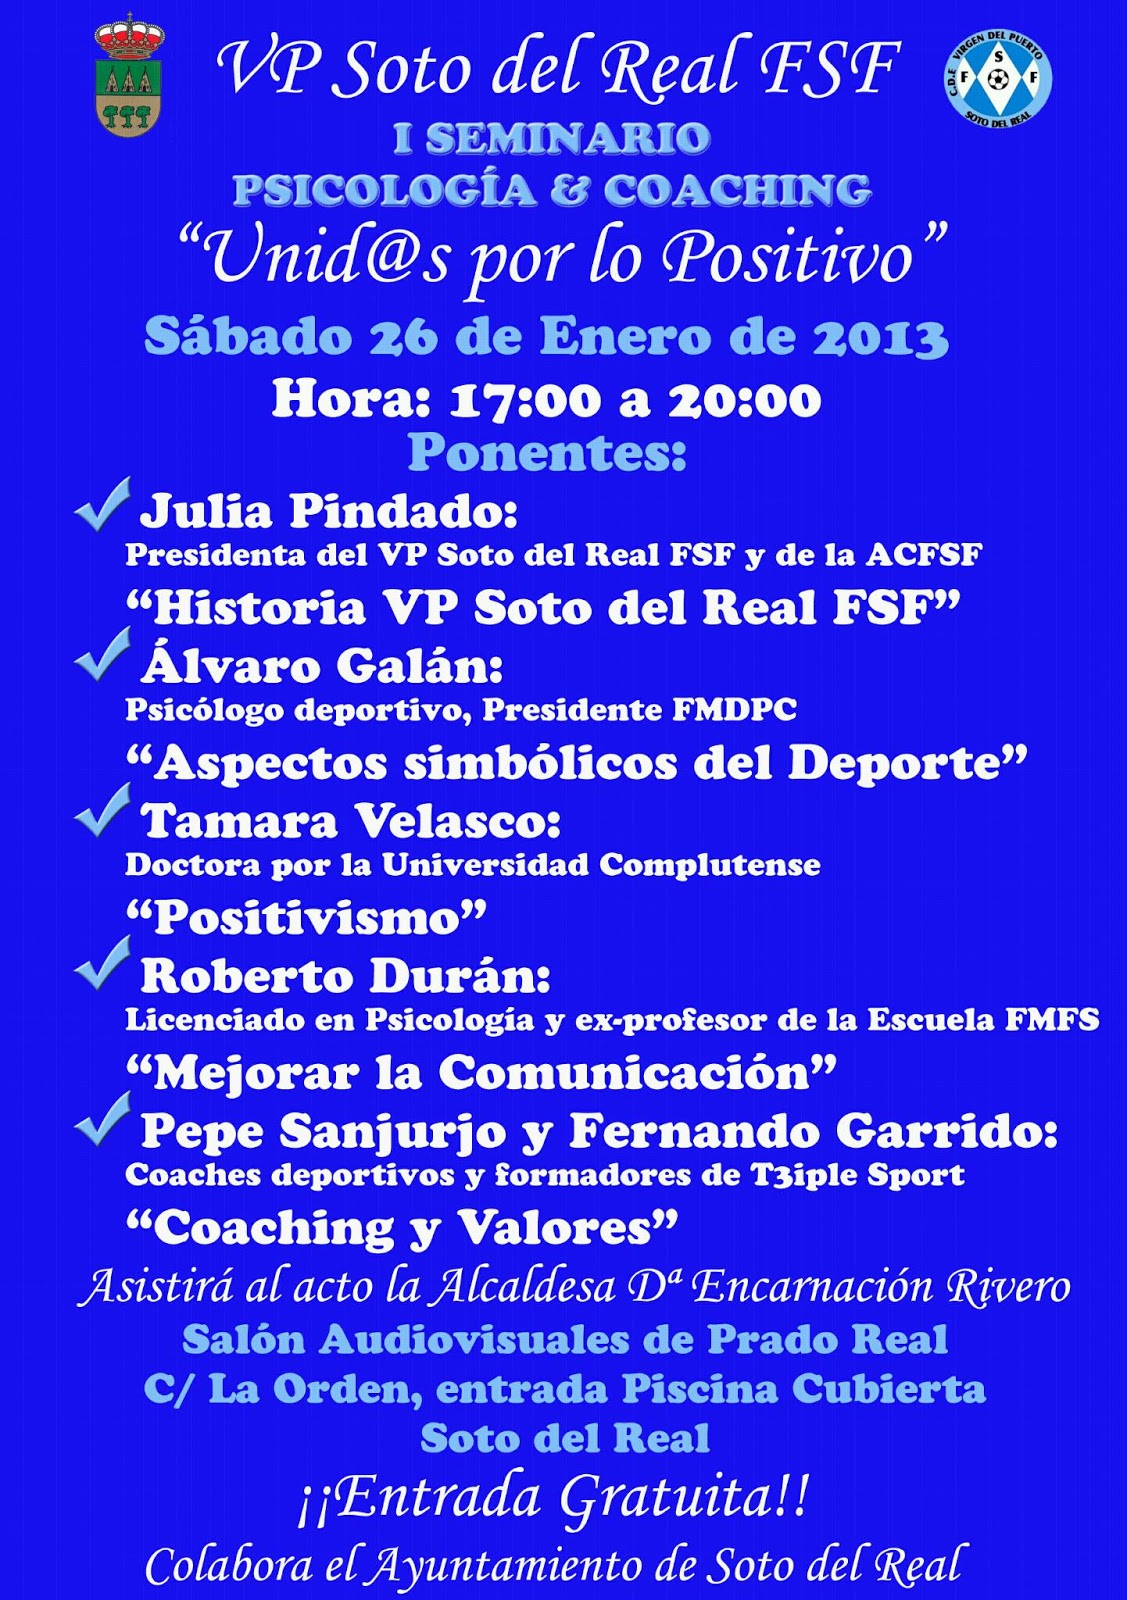 V p soto del real f s enero 2013 for Piscina cubierta navalcarnero